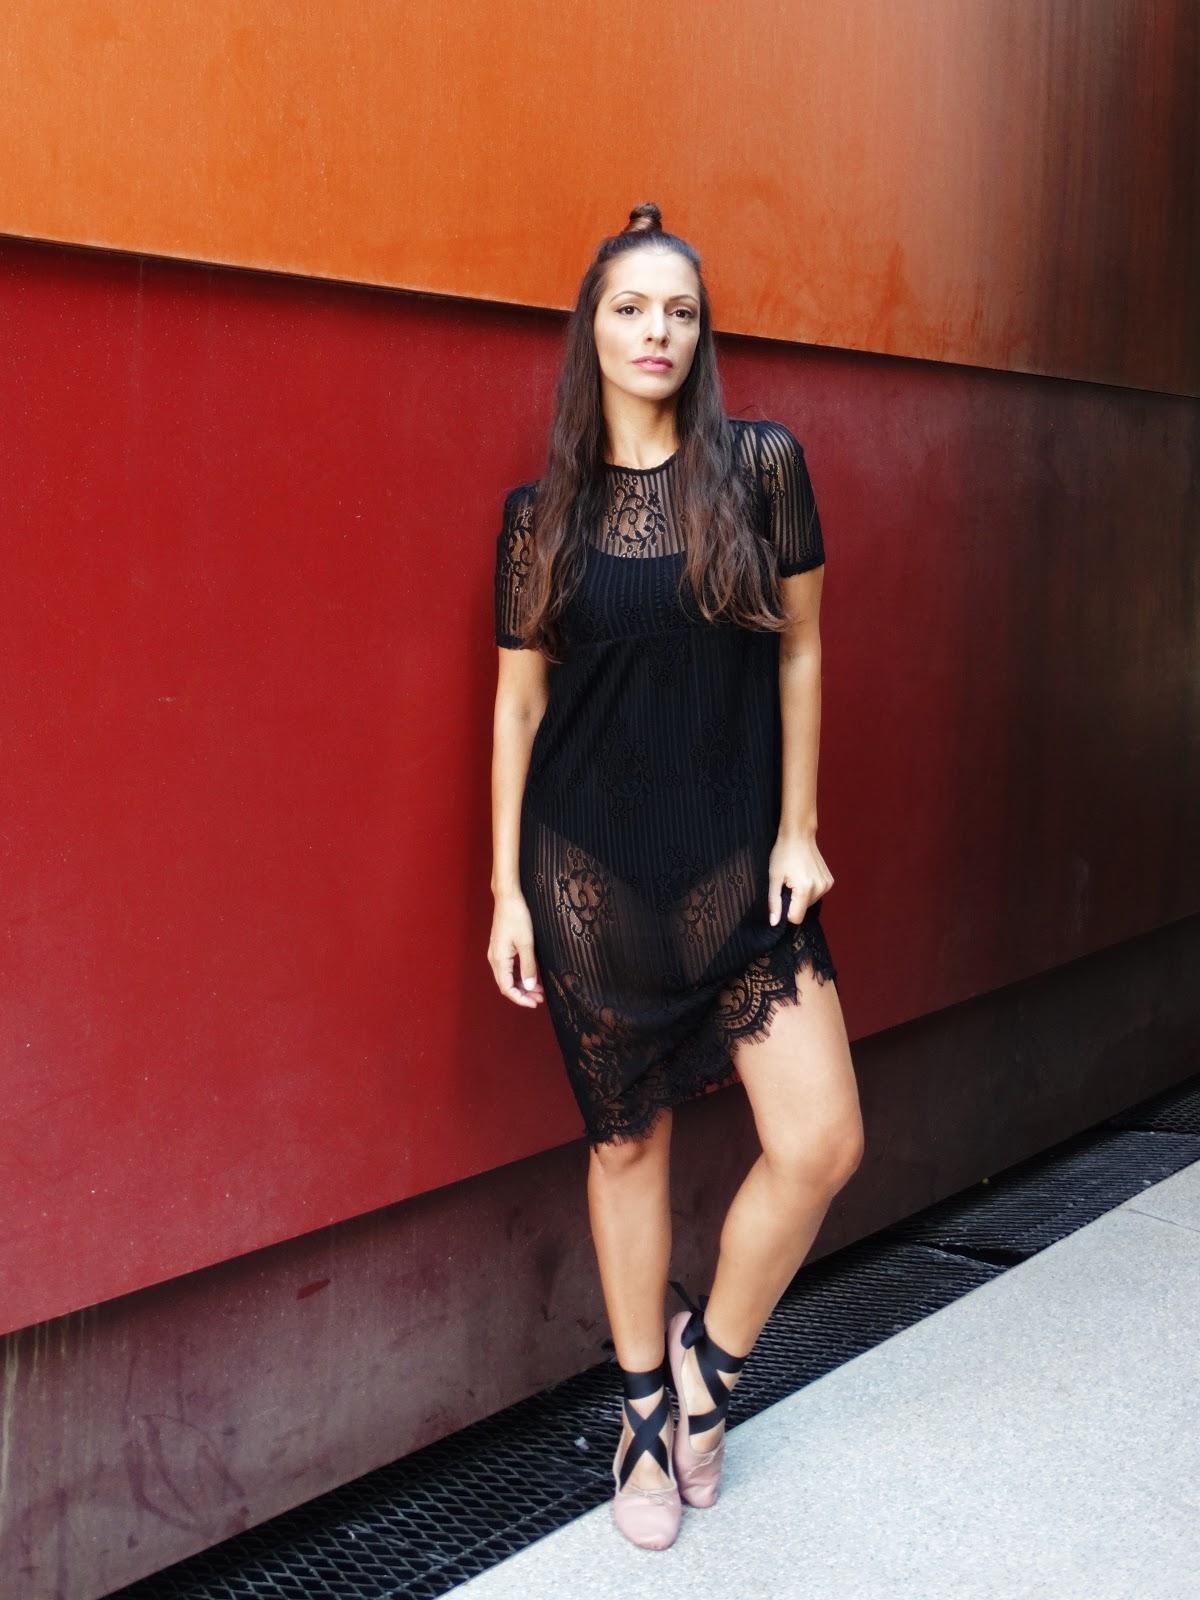 טרנד הבלט באופנה